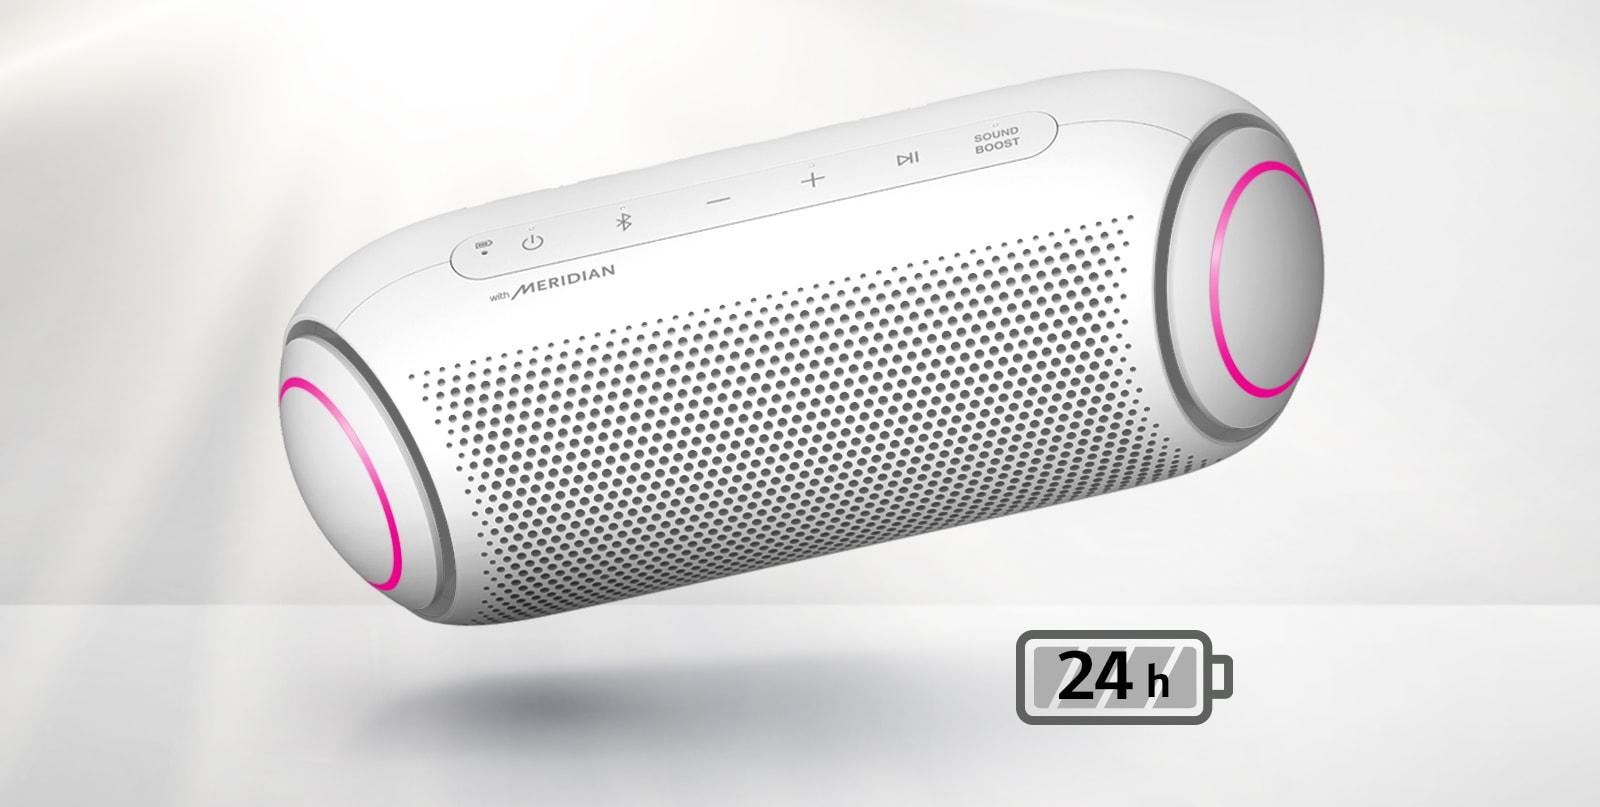 LG XBOOM Go nagnut je ulijevo i lebdi u zraku. Boja osvjetljenja zvučnika za duboke tonove je magenta.